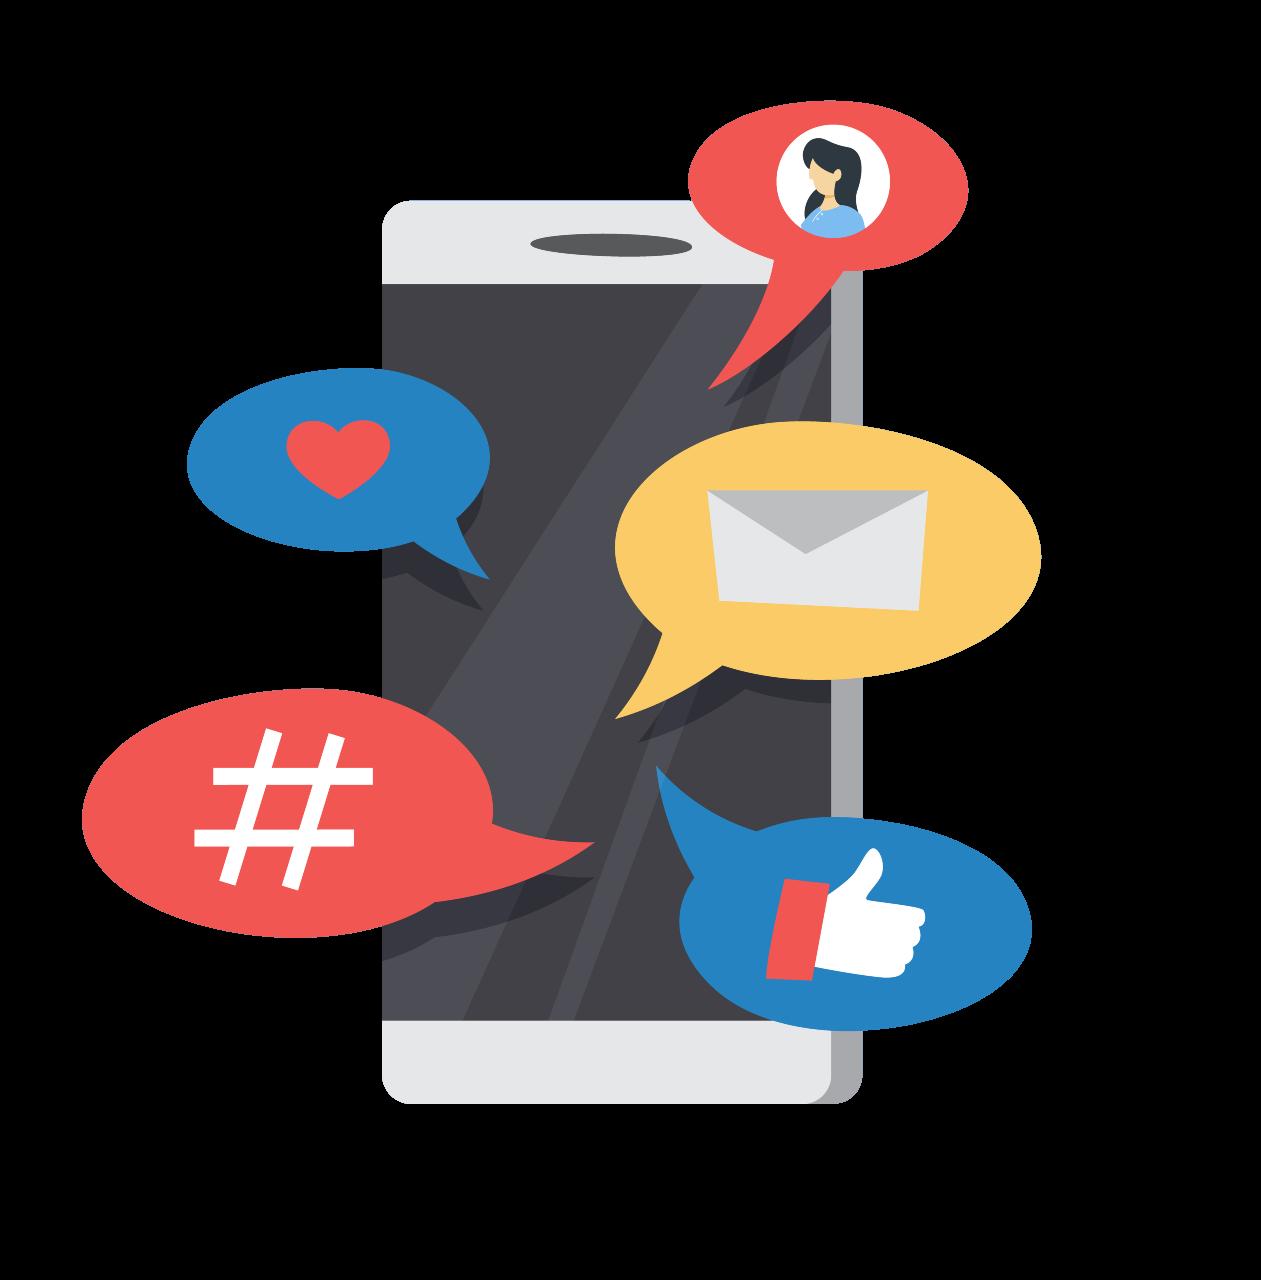 servicio de atencion al cliente en redes sociales contact center